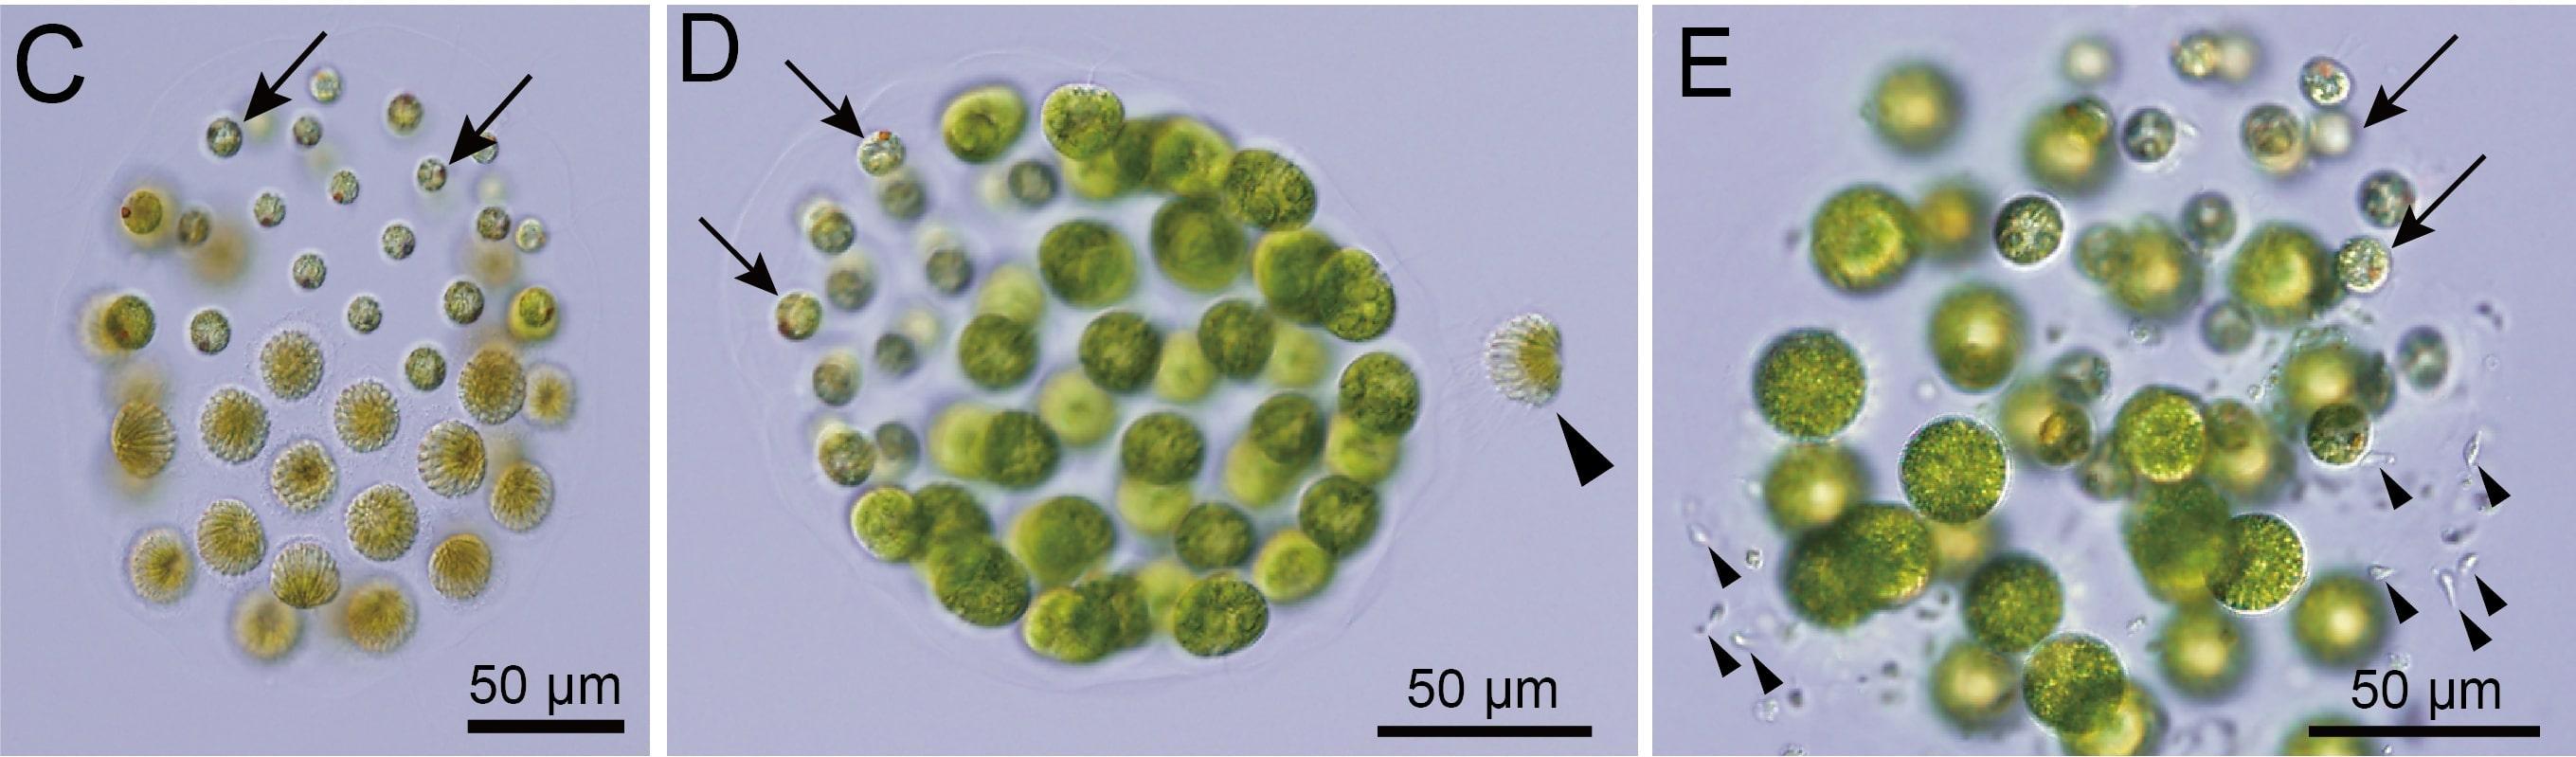 Обнаружена первая водоросль с тремя полами